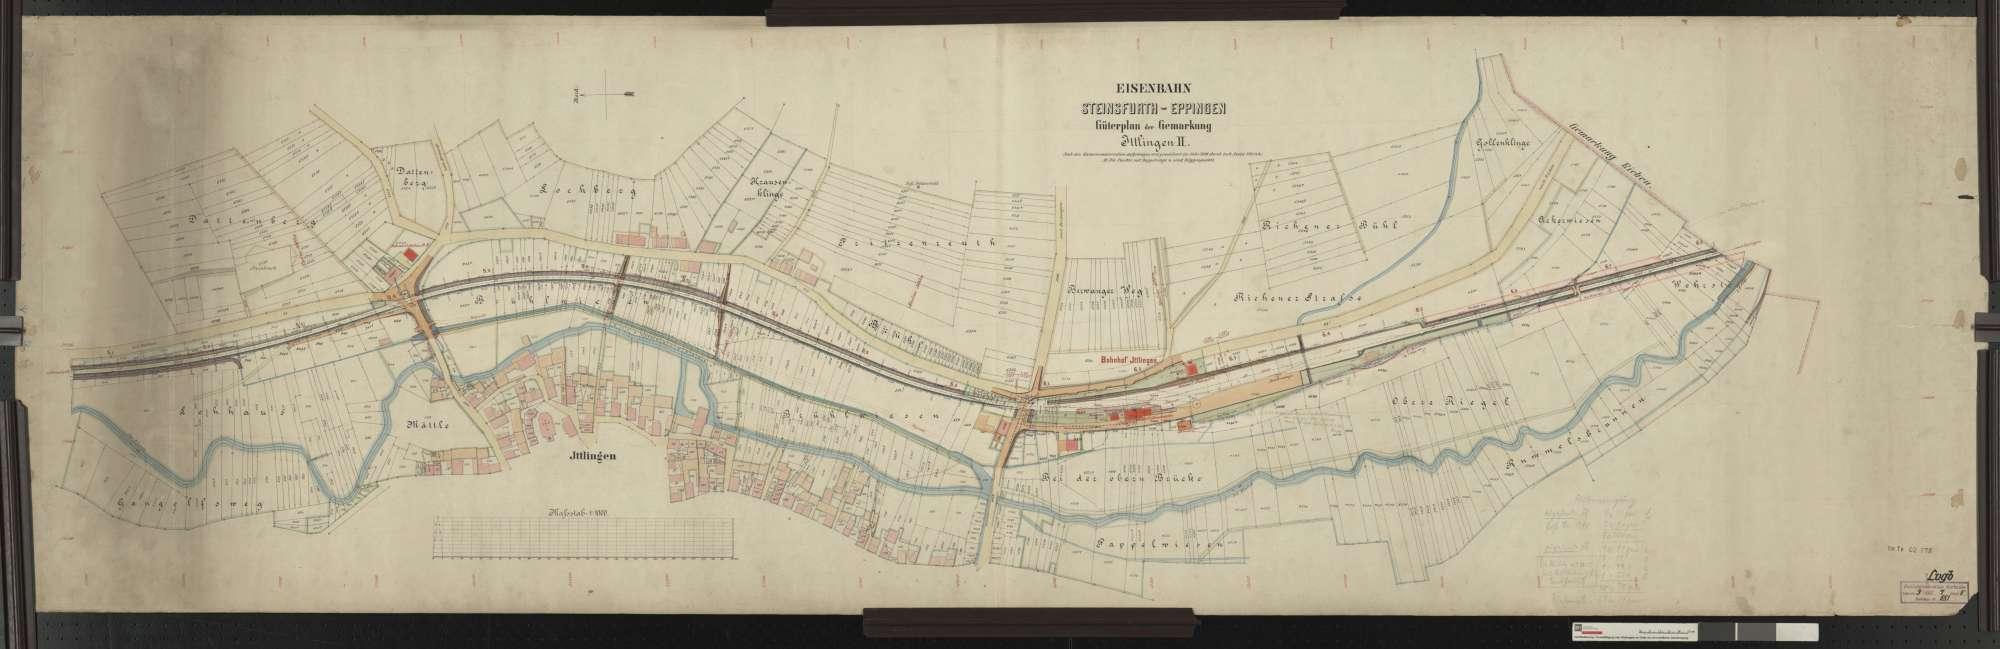 Güterplan der Bahn von Steinsfurt bis Eppingen: Gemarkung Ittlingen Streckenausschnitt: 5,1 bis 6,8 km, Bild 1